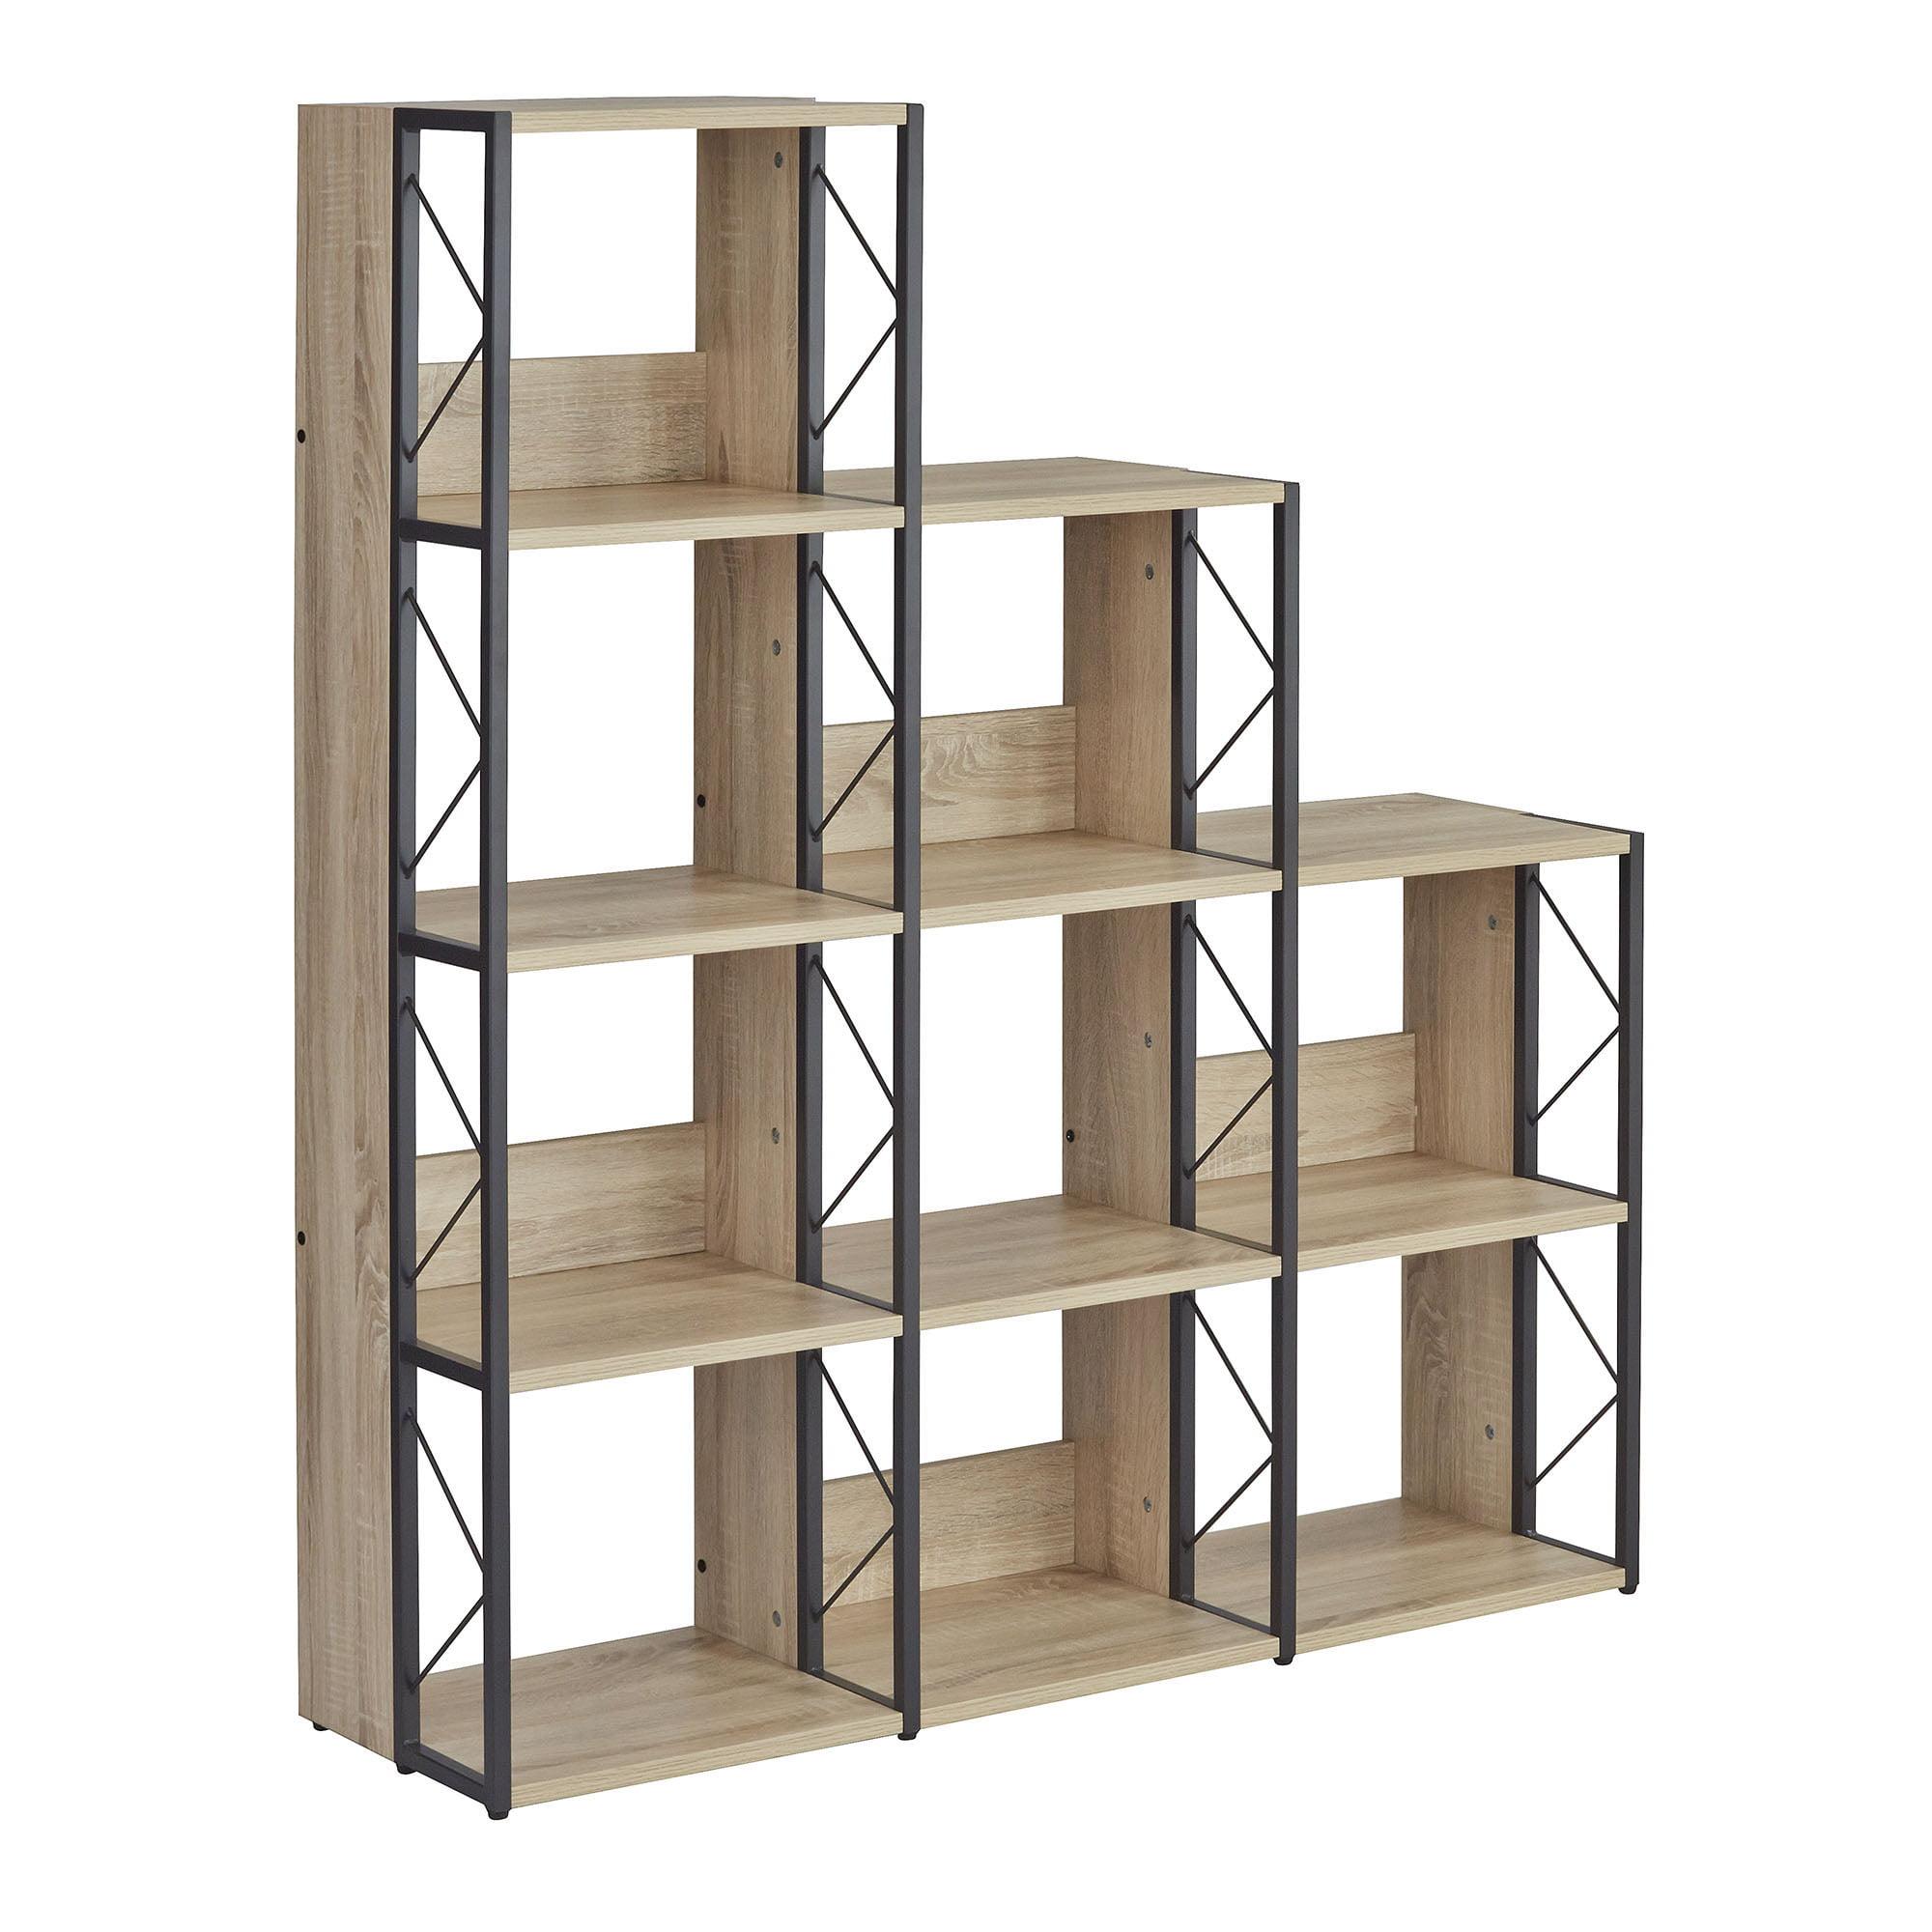 SOHO Multi-Height Bookcase, 9Shelves